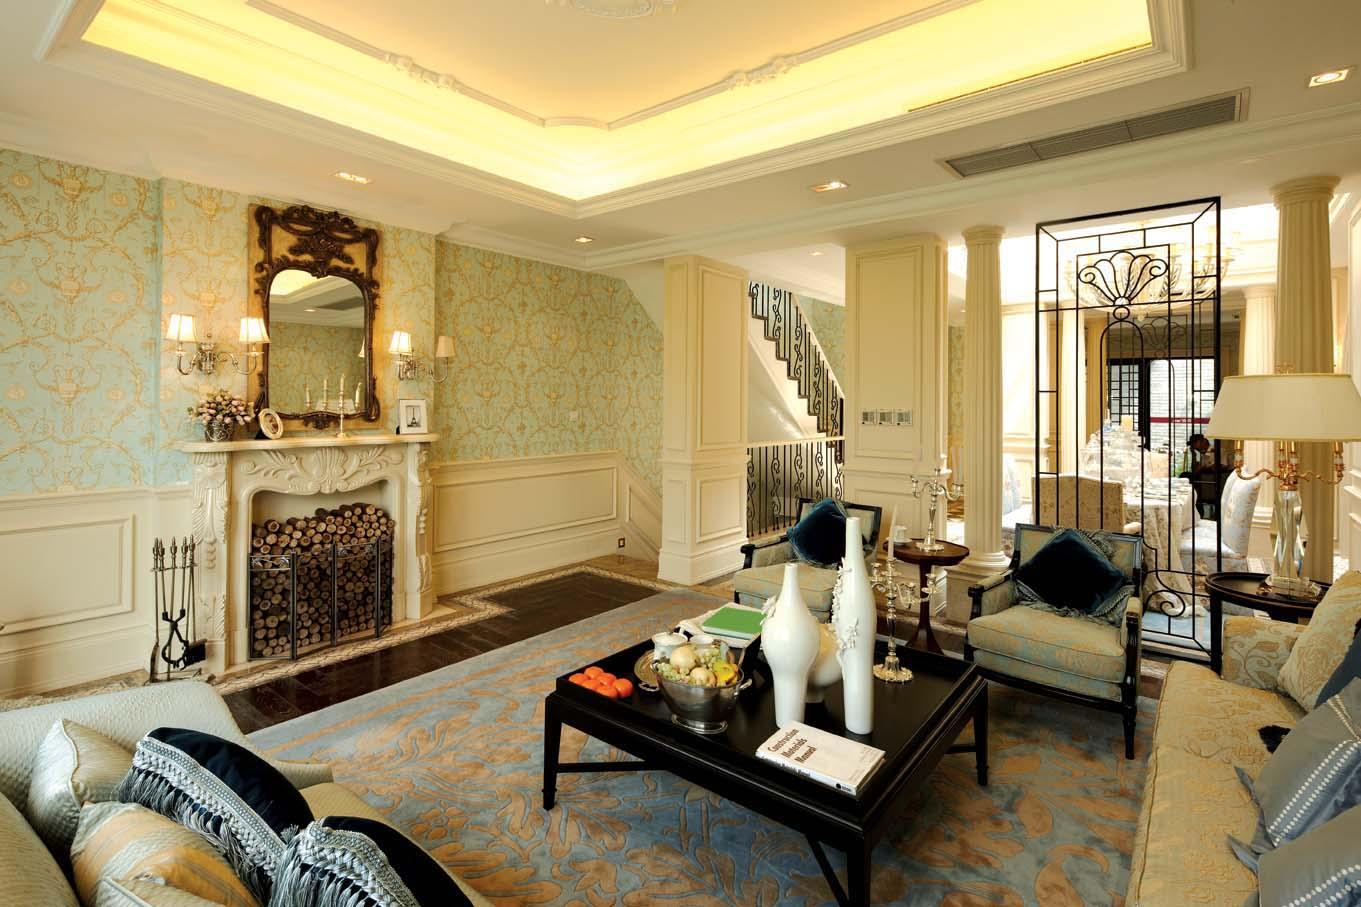 欧式风格 北京装修 装修风格 室内设计 装修设计 客厅图片来自别墅装修设计yan在欧式风格鸿坤·林语墅的分享